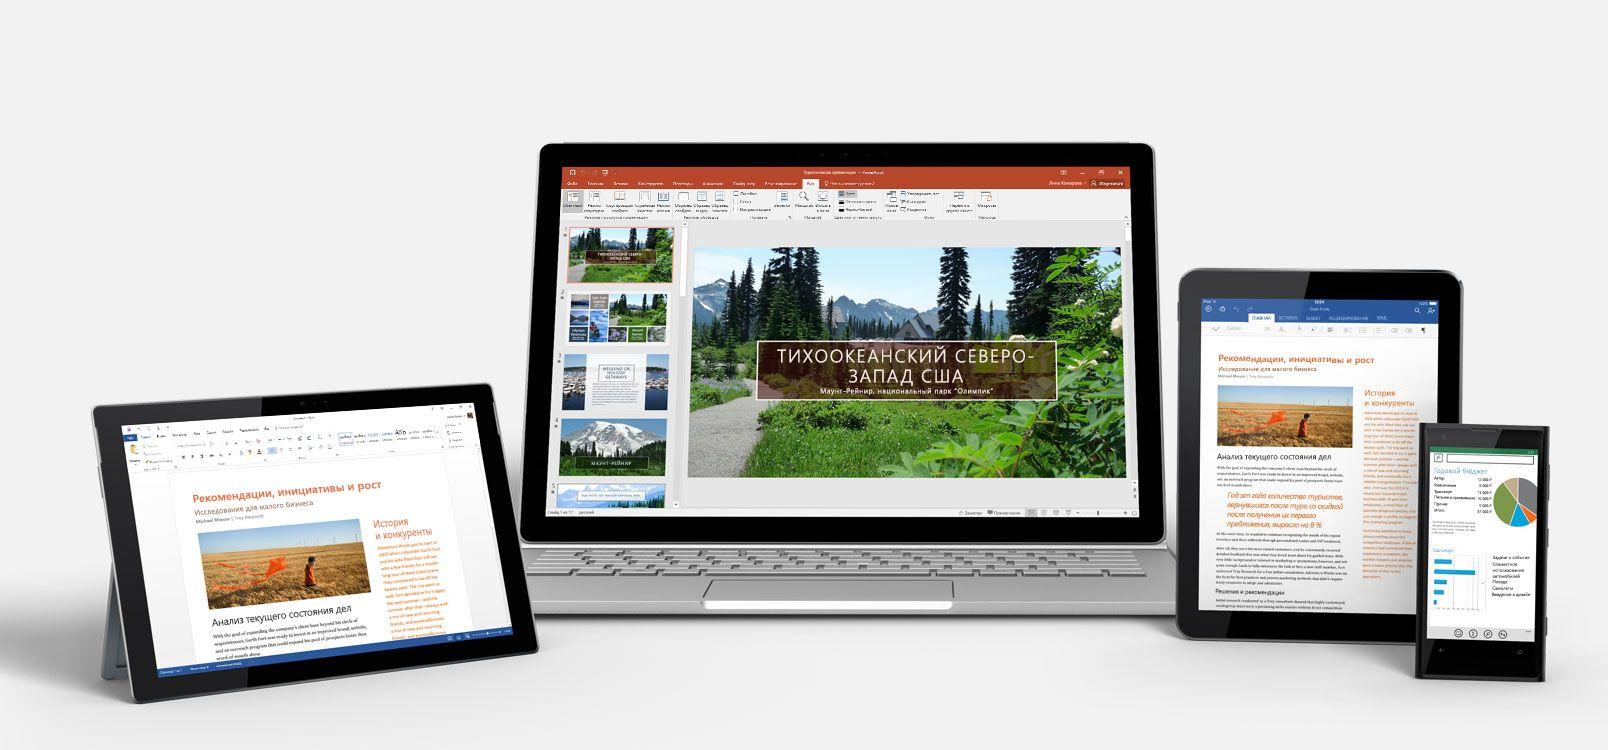 Планшет с Windows, ноутбук, iPad и смартфон с приложениями Office 365 на экране.